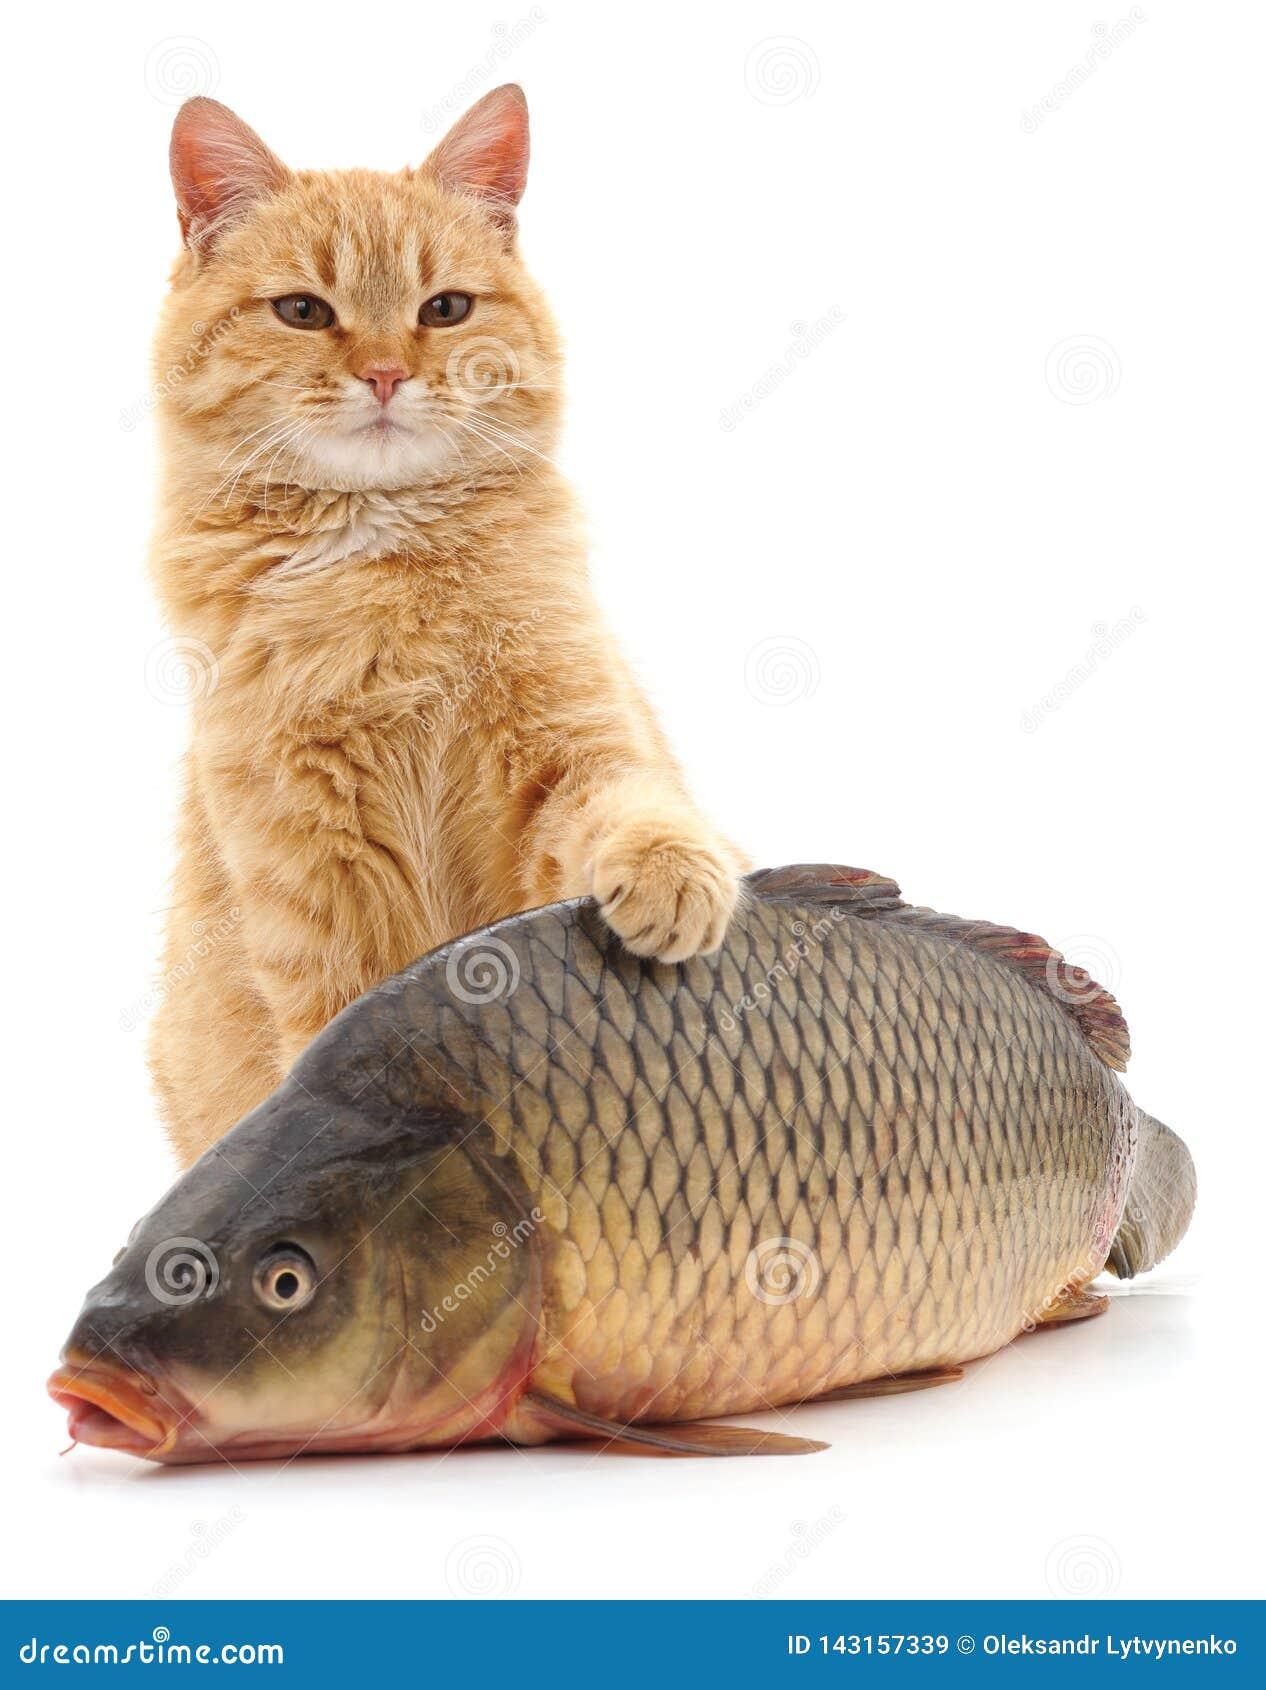 кот и рыбы стоковое изображение. изображение насчитывающей избежание -  143157339